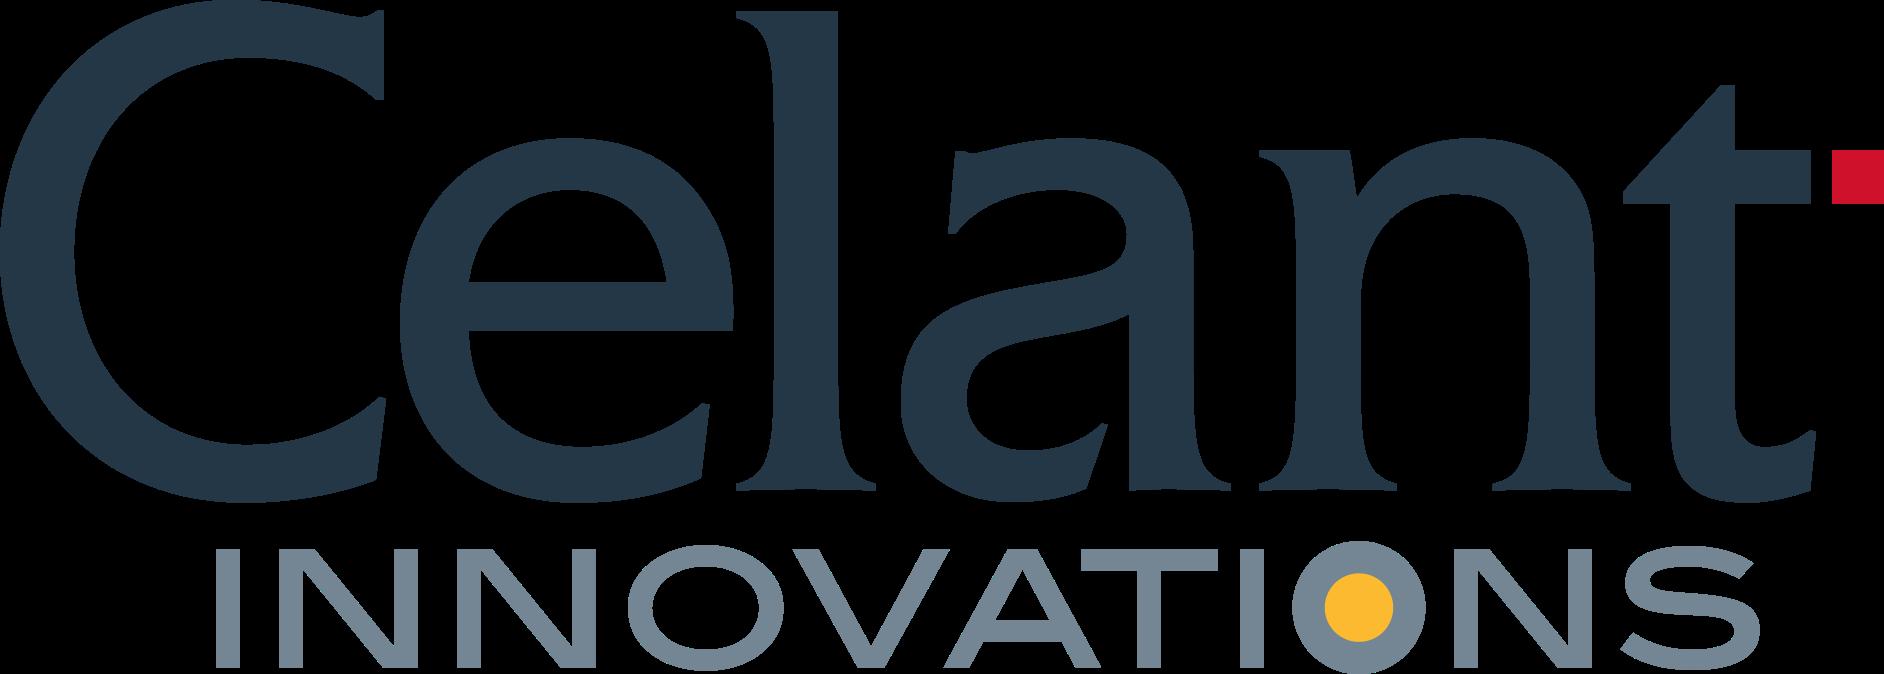 Celant logo (1).png